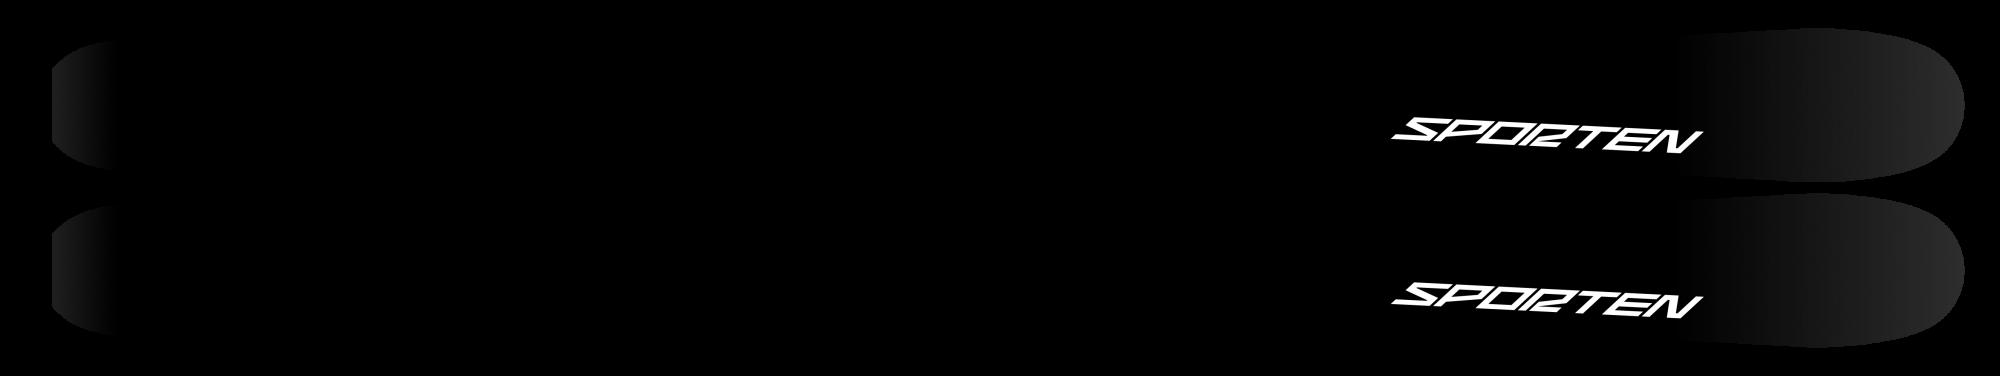 Dámské lyže Sporten Iridium 4 W.png